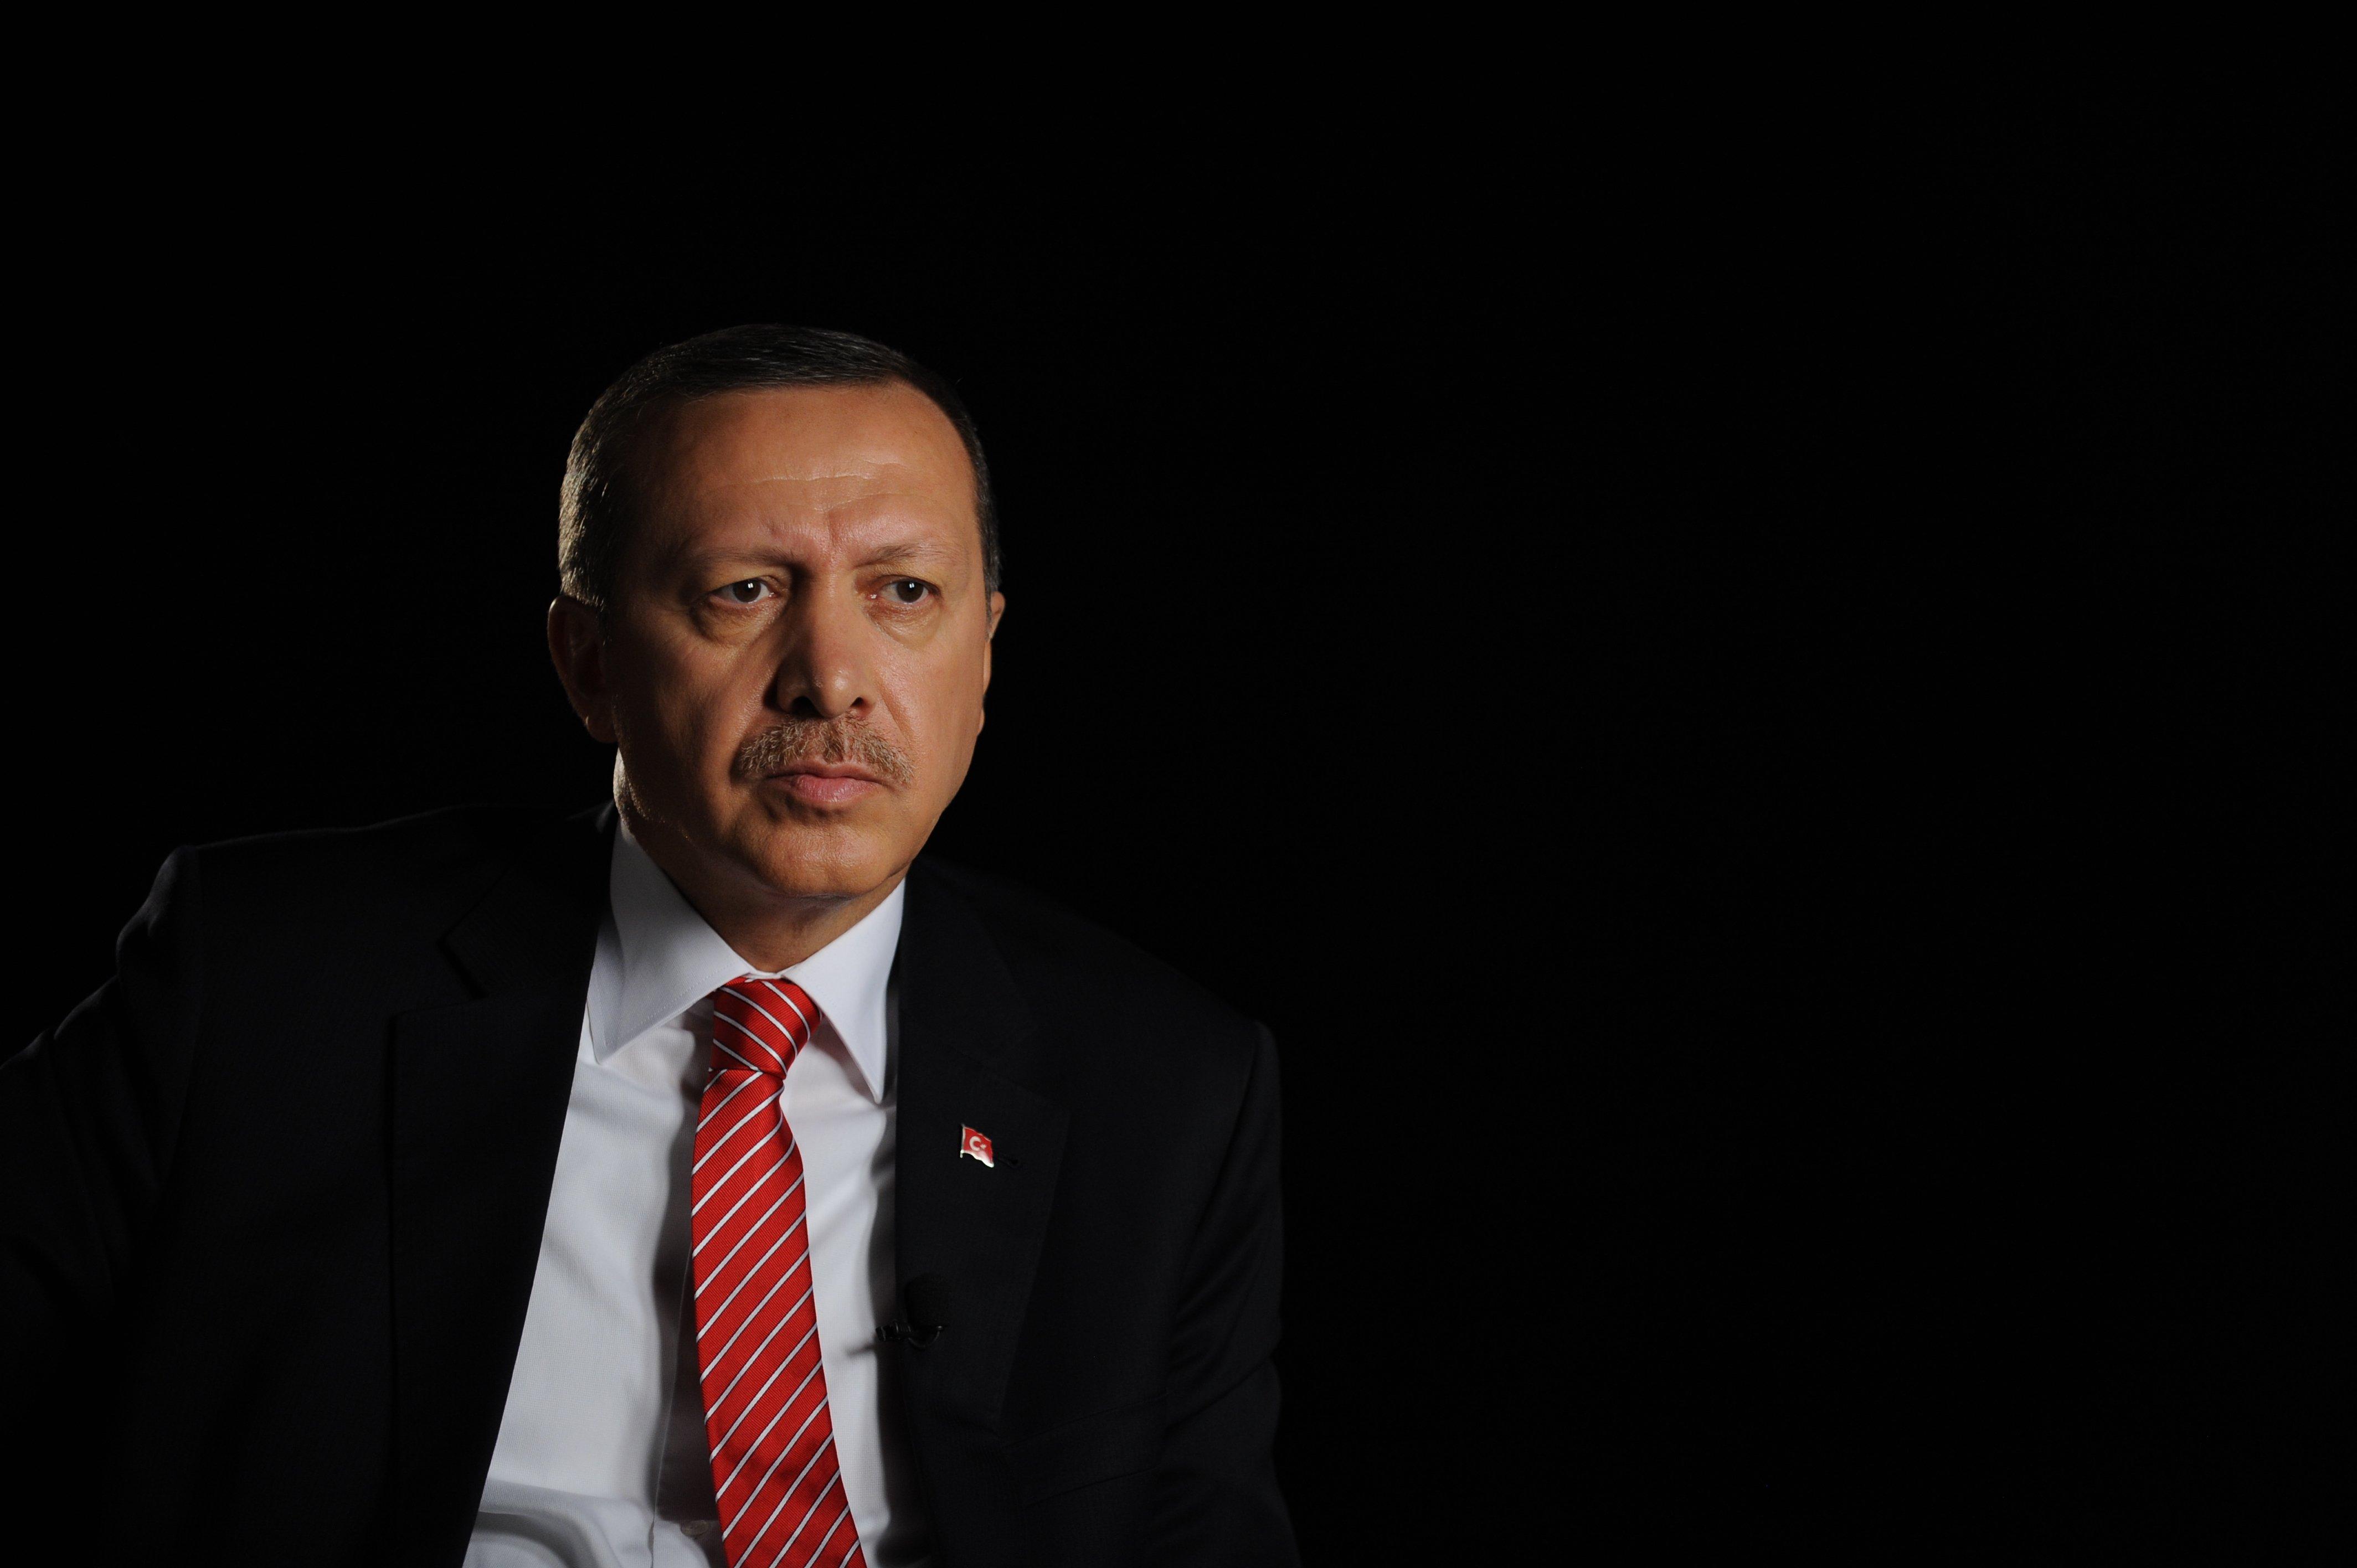 Γερμανία: Δίωξη του κωμικού για σάτιρα εναντίον Ερντογάν